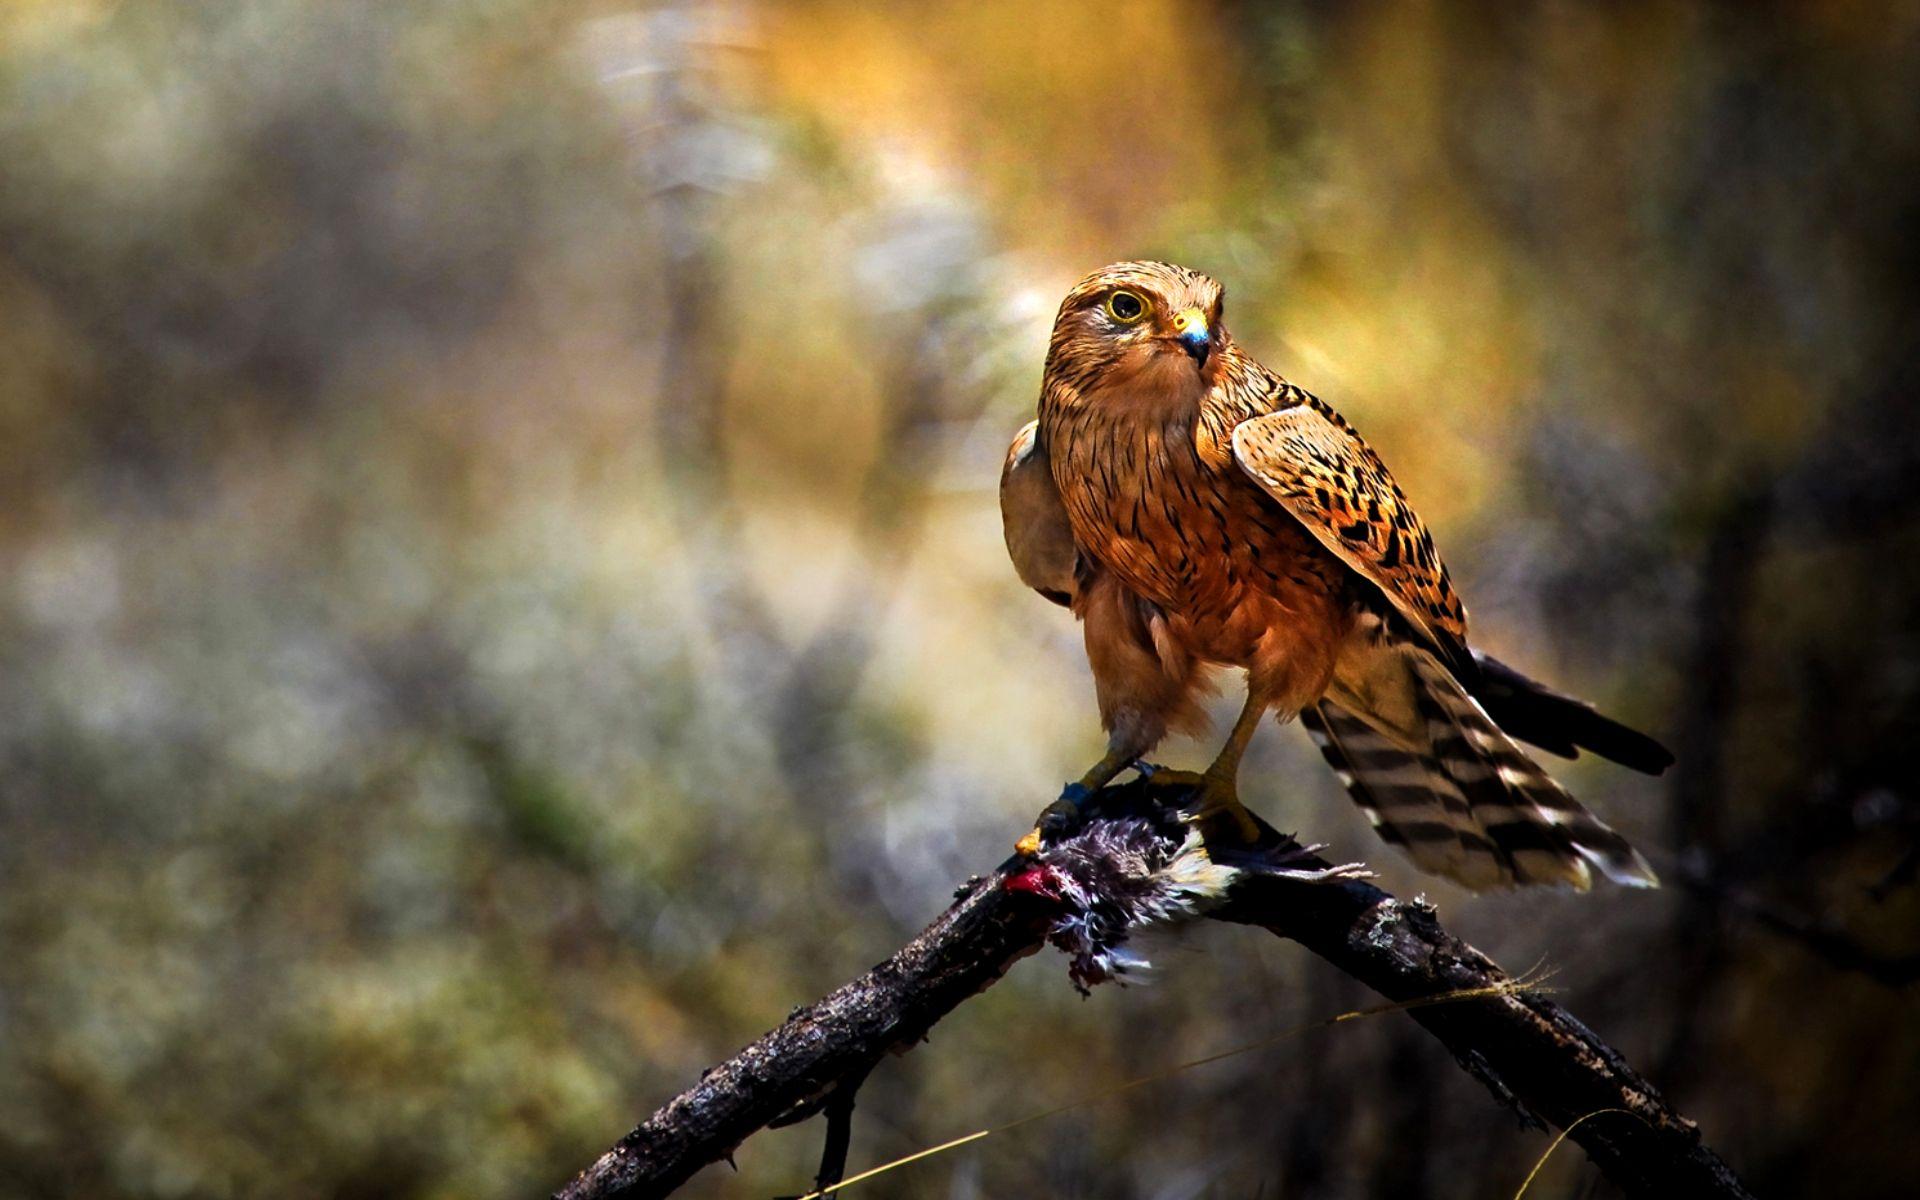 Hd Bird Of Prey Wallpaper Download Free 110905 Birds Of Prey Prey Canary Birds